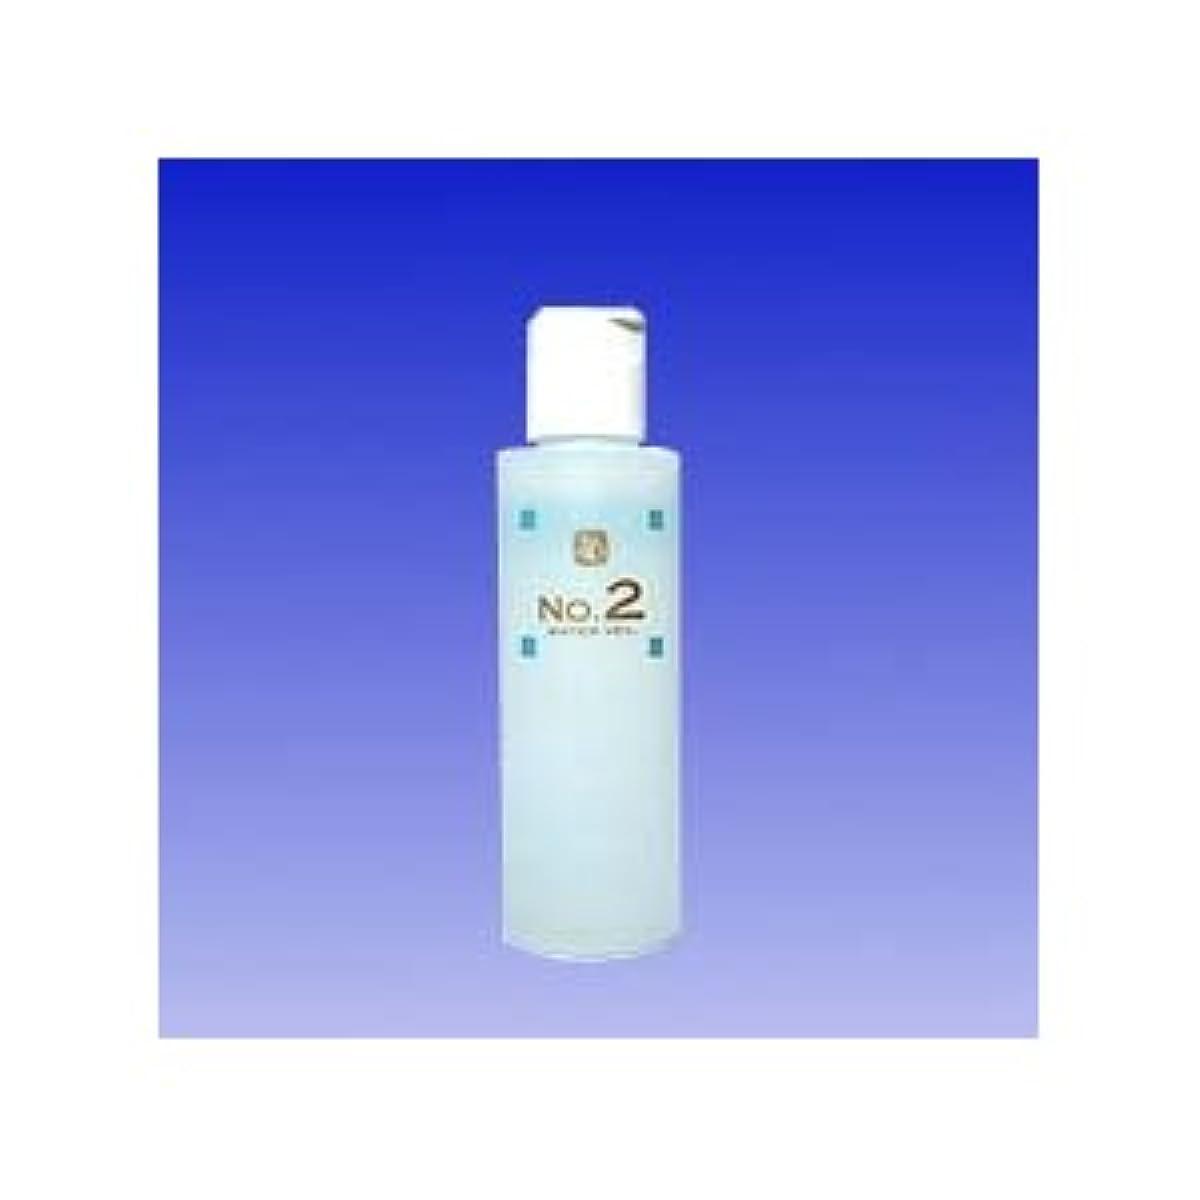 ブートエントリ健全顔を洗う水 ウォーターベールNO2 250ml